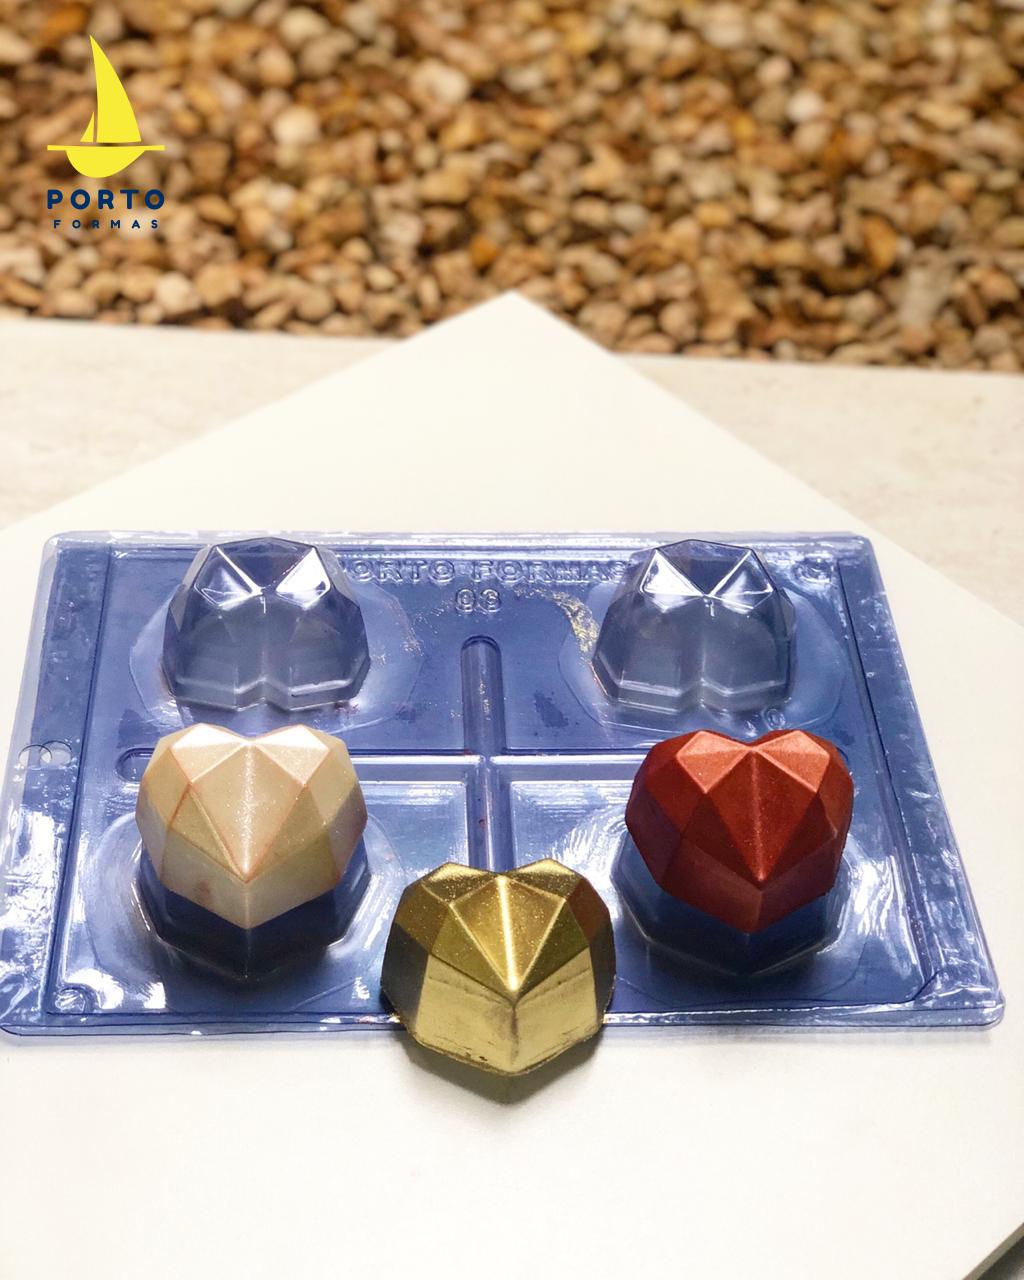 Imagen de producto: https://tienda.postreadiccion.com/img/articulos/secundarias14030-molde-3-portoformas-corazones-pequenos-geometricos-3.jpeg